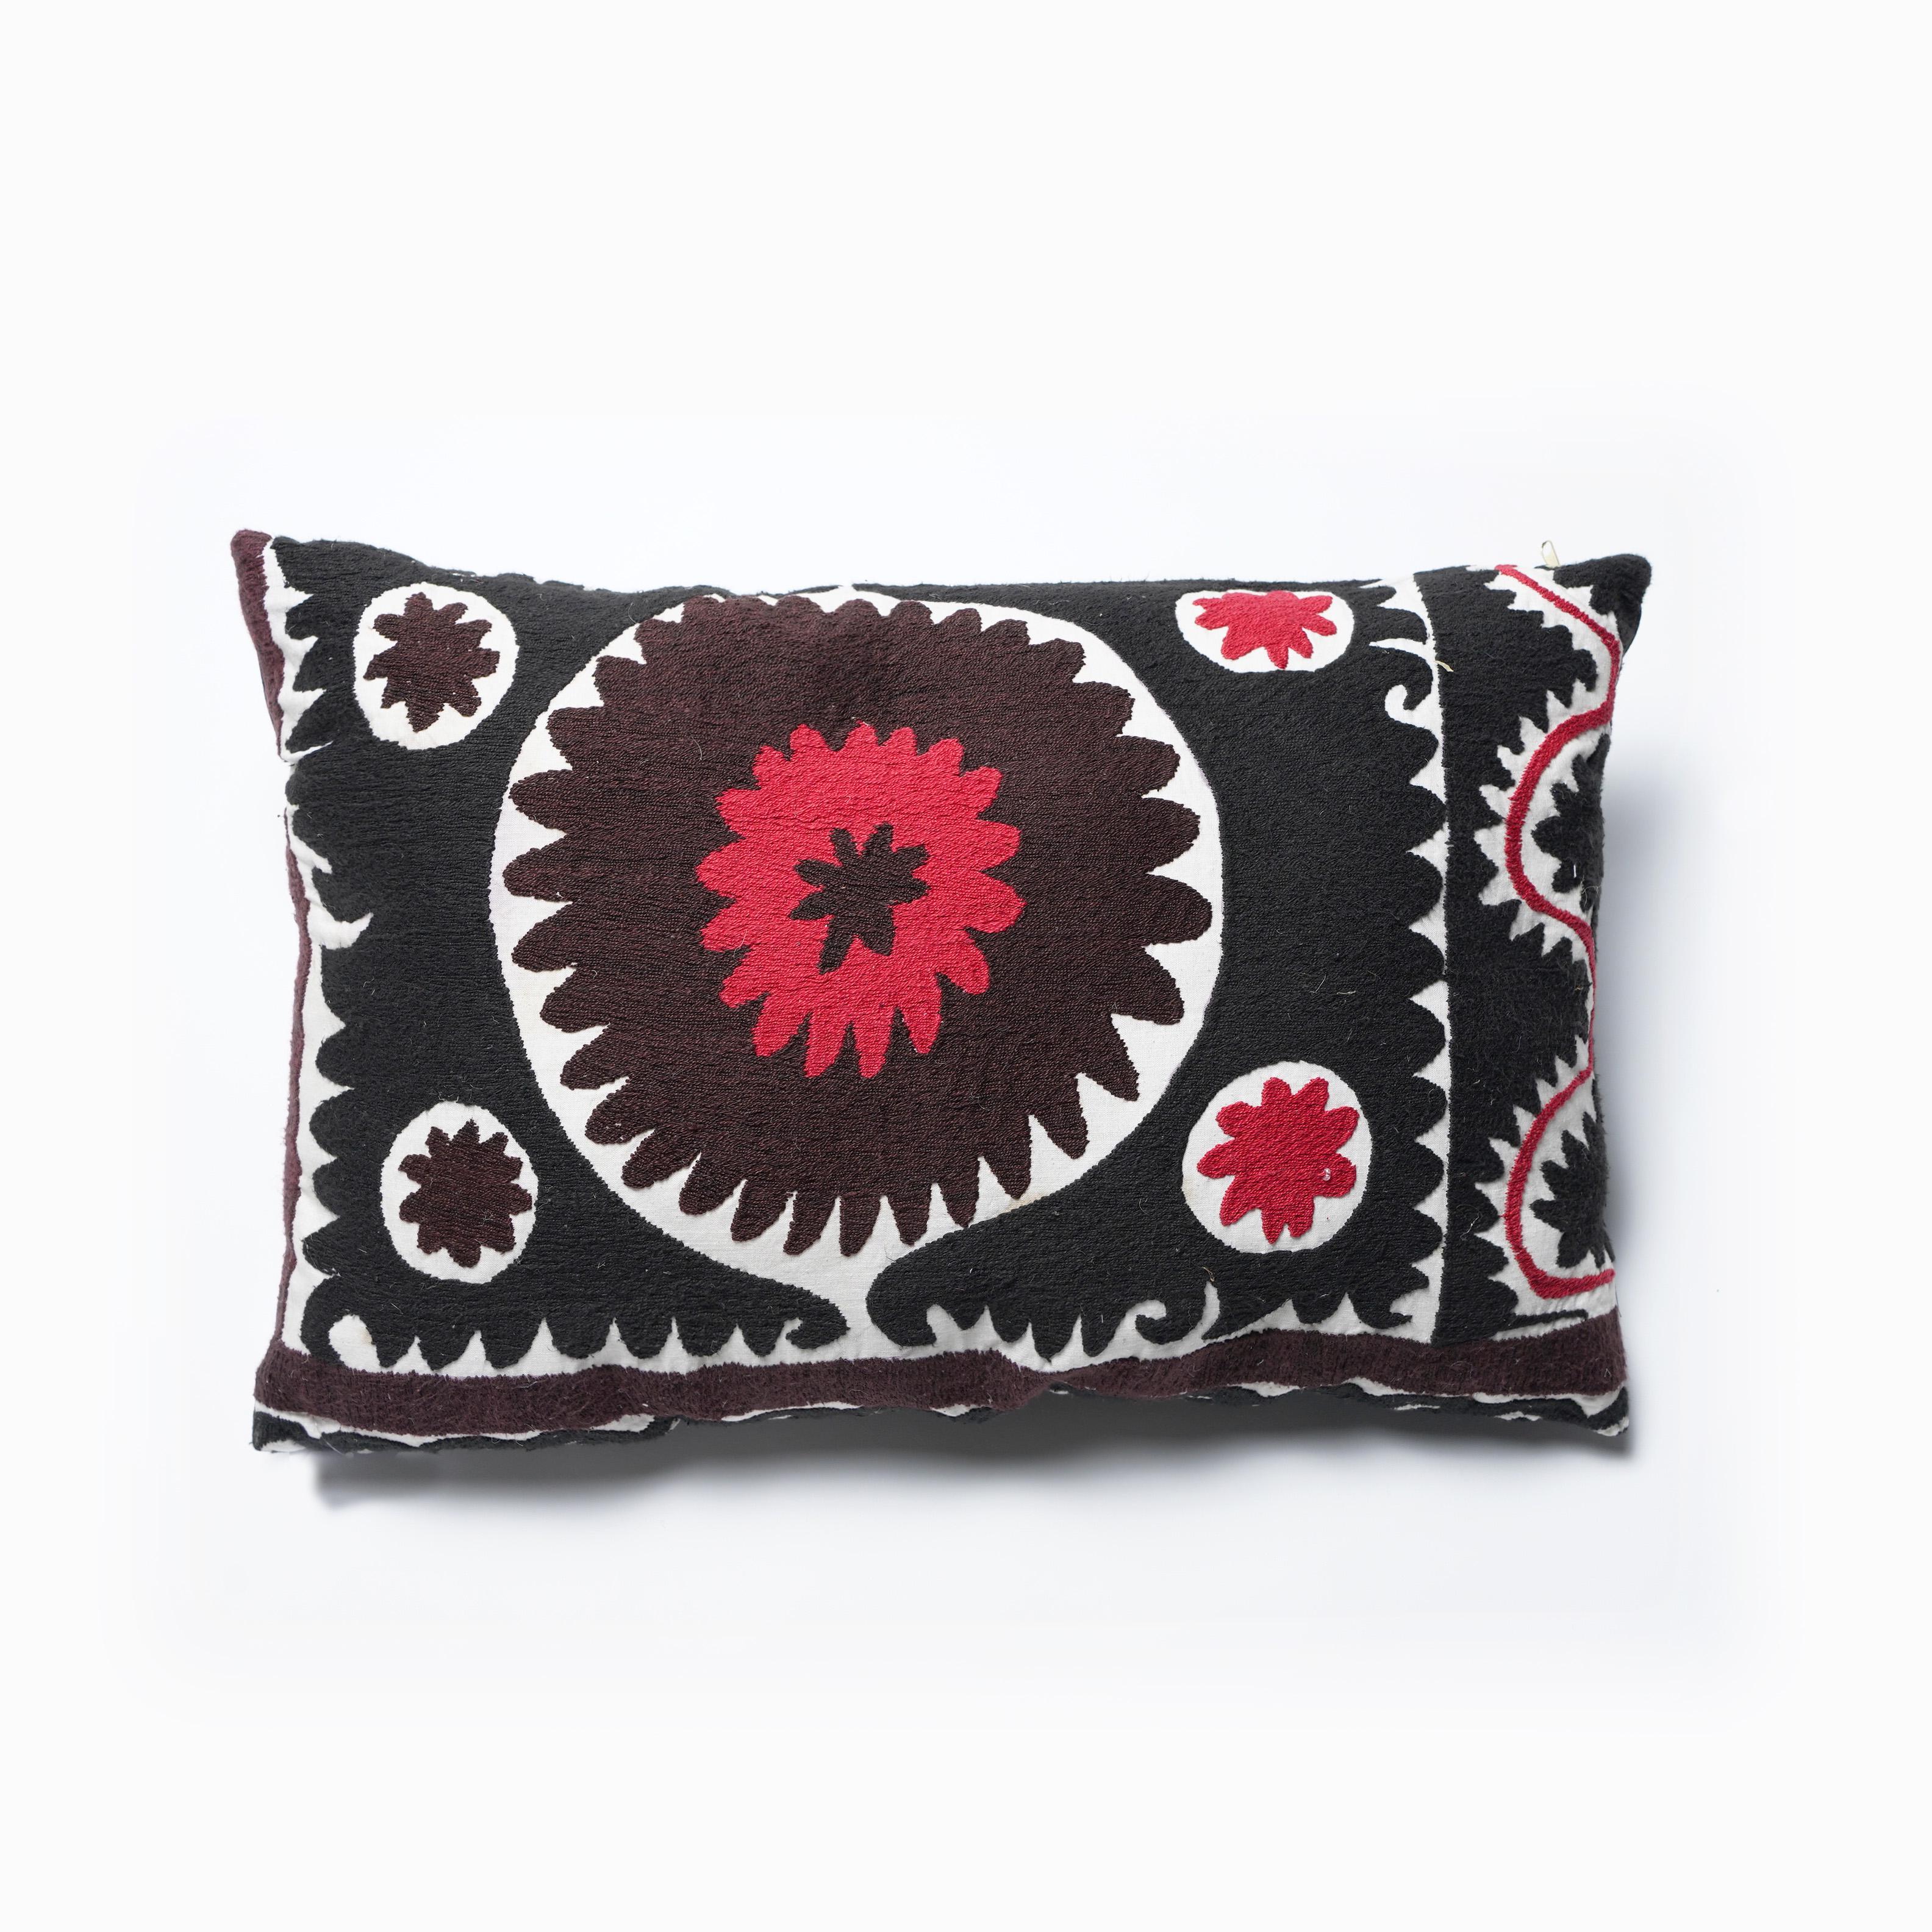 SALE! Almohadón Suzani rectangular bordado a mano,  negro rojo y blanco